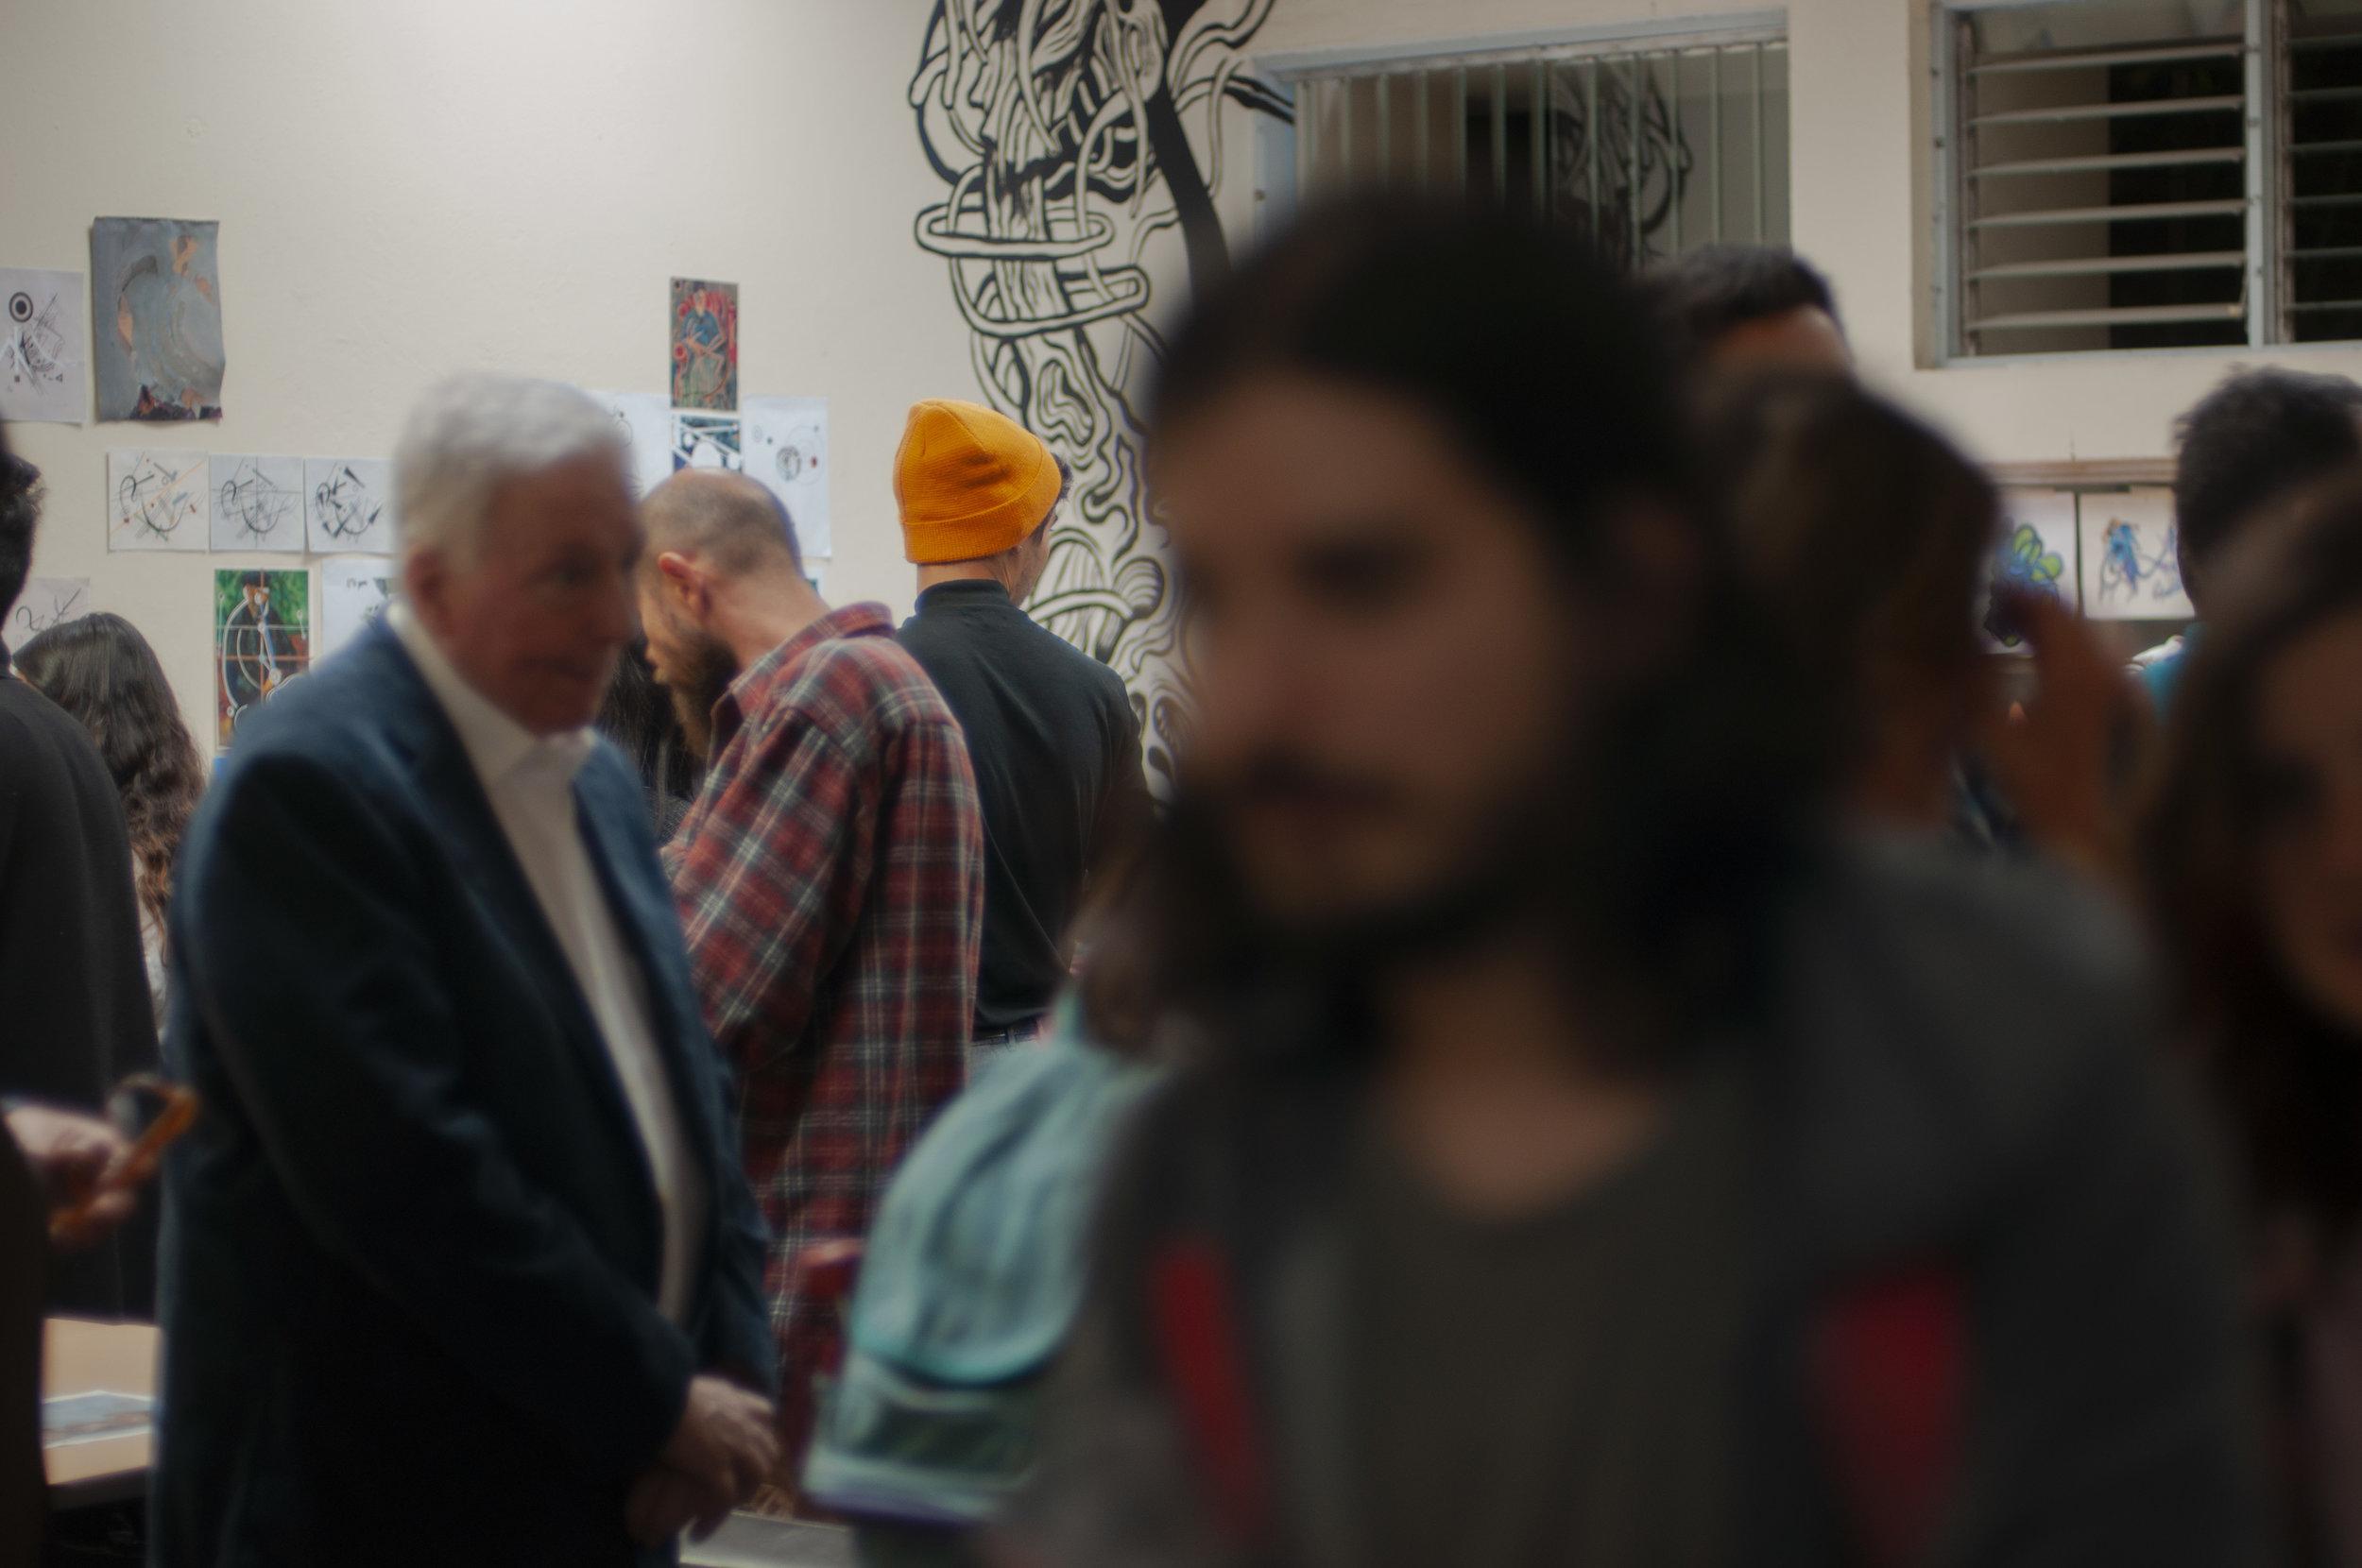 imágenes del llenazo que fue la noche de la inauguración de la muestra colectiva de pintura   imagen cortesía de francis cuaresma